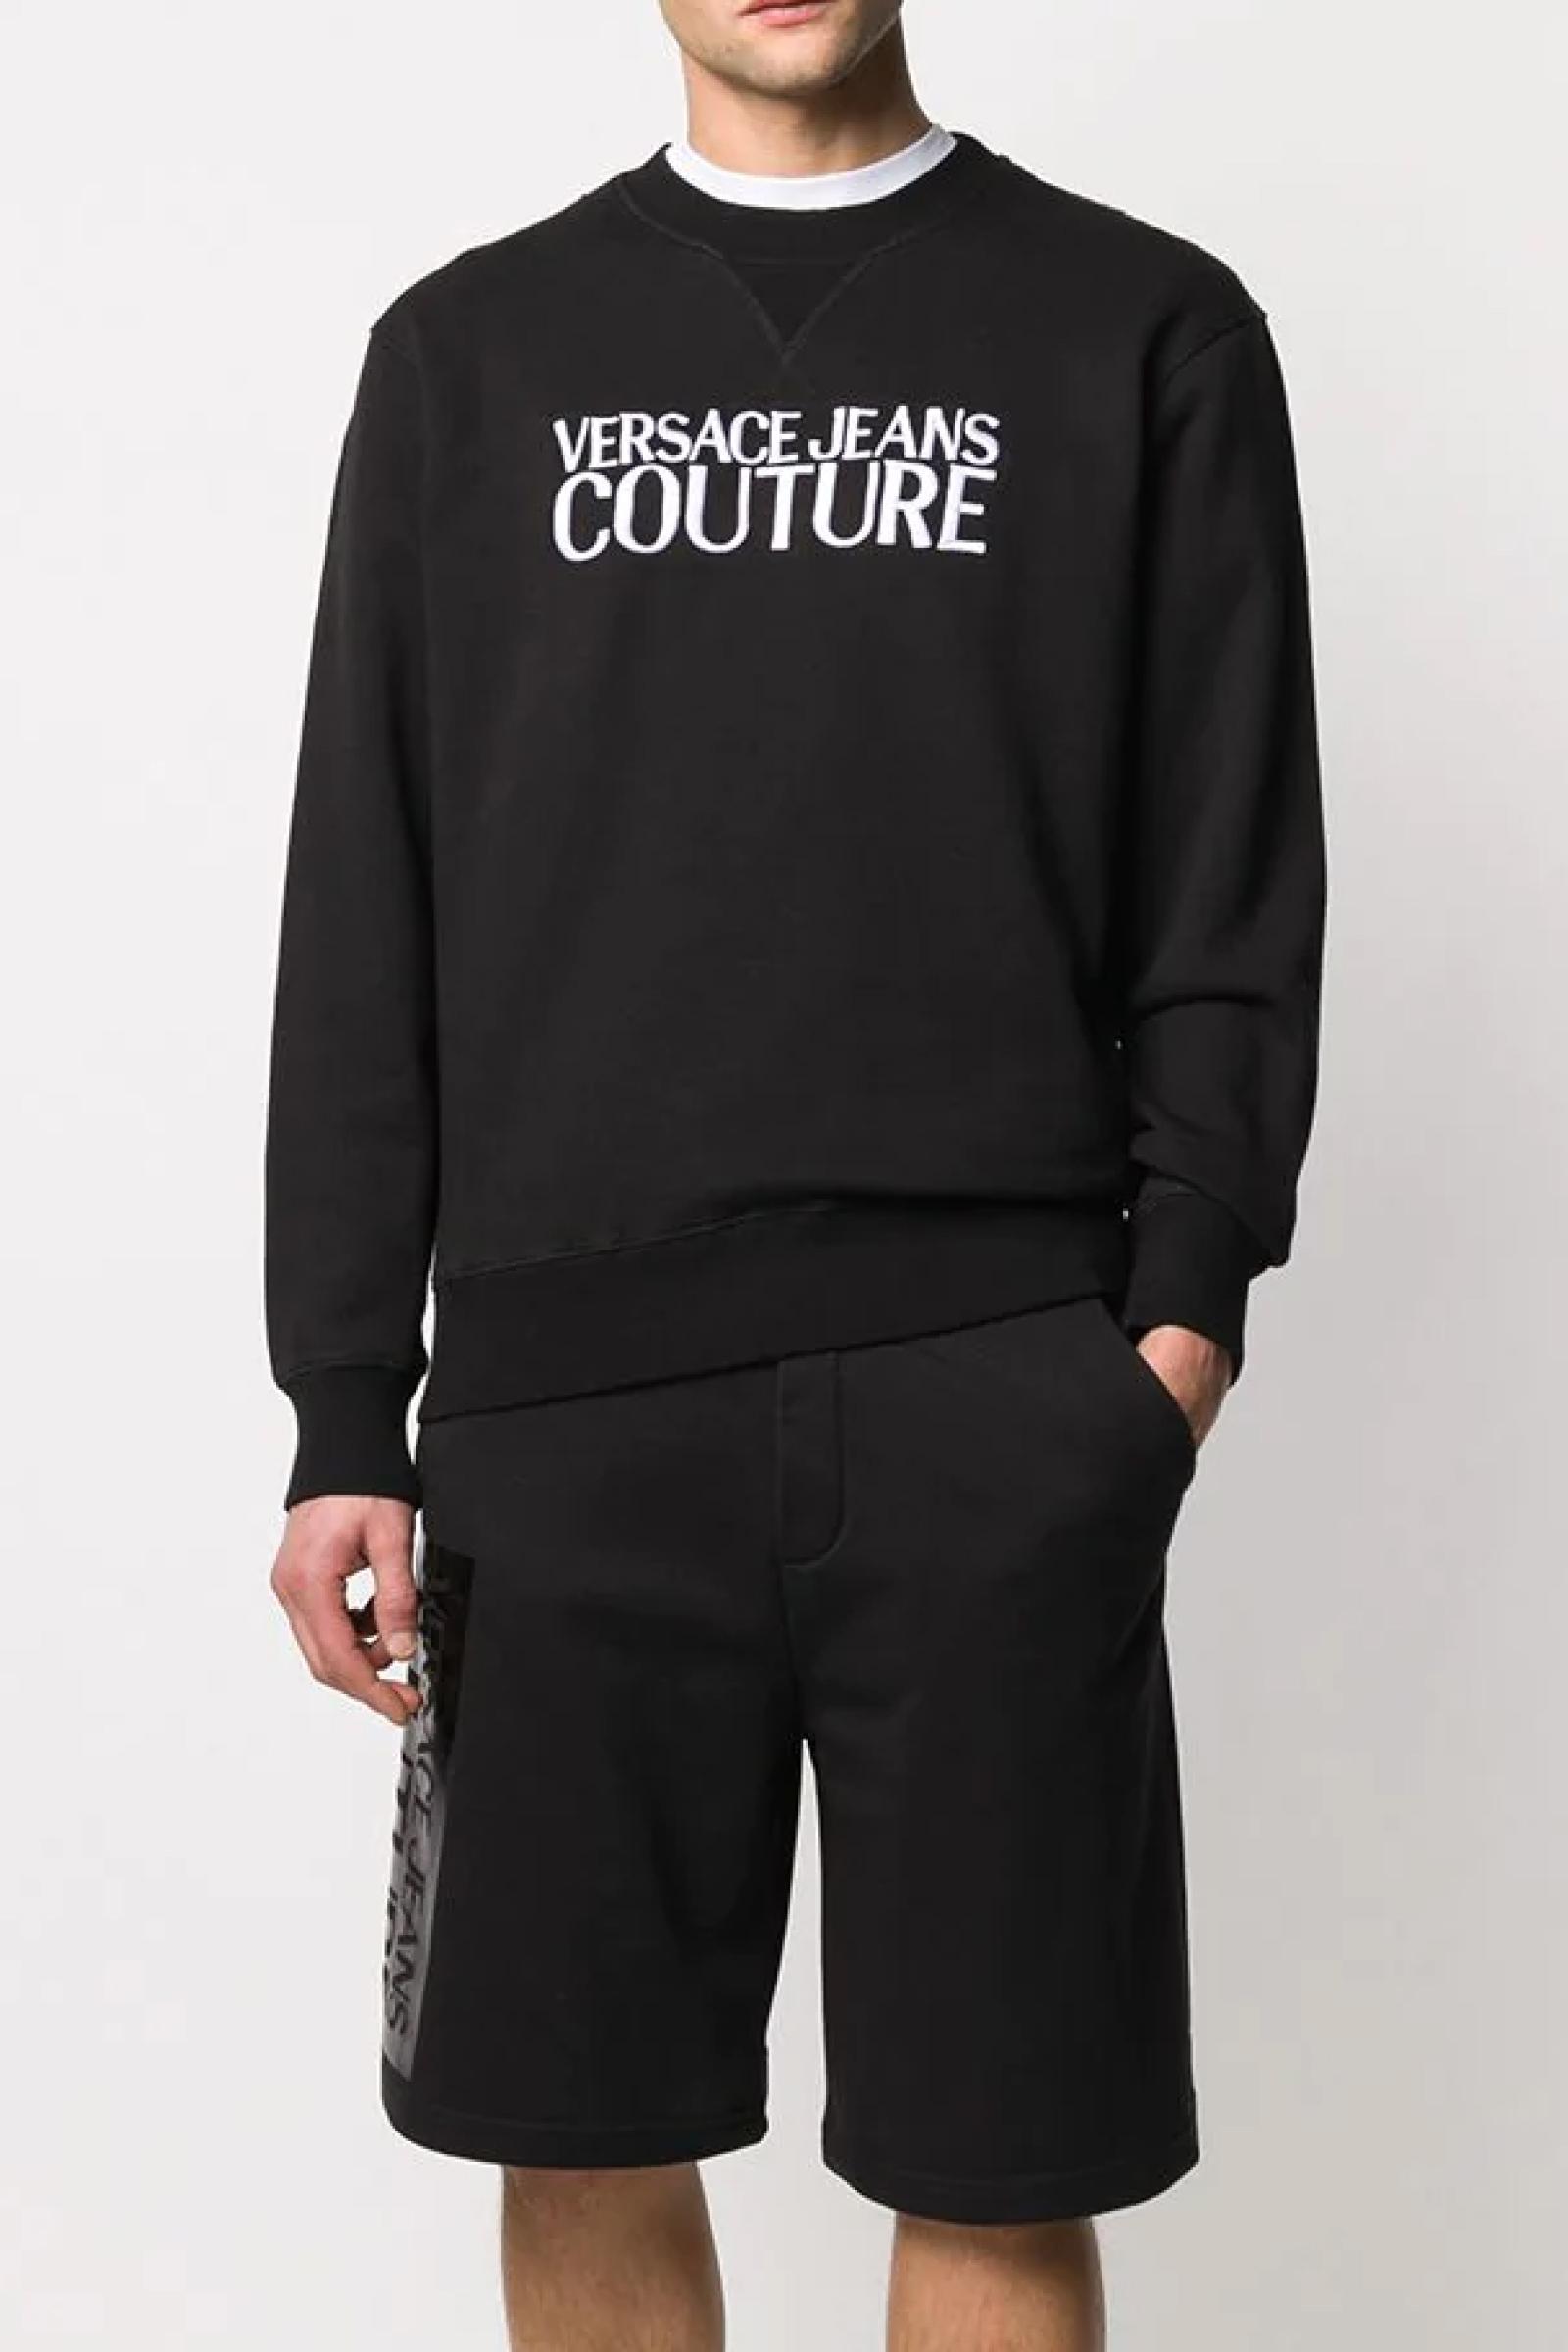 VERSACE JEANS COUTURE Men's Sweatshirt VERSACE JEANS COUTURE | Sweatshirt | B5GZB802 50248LC9 ZUMM02